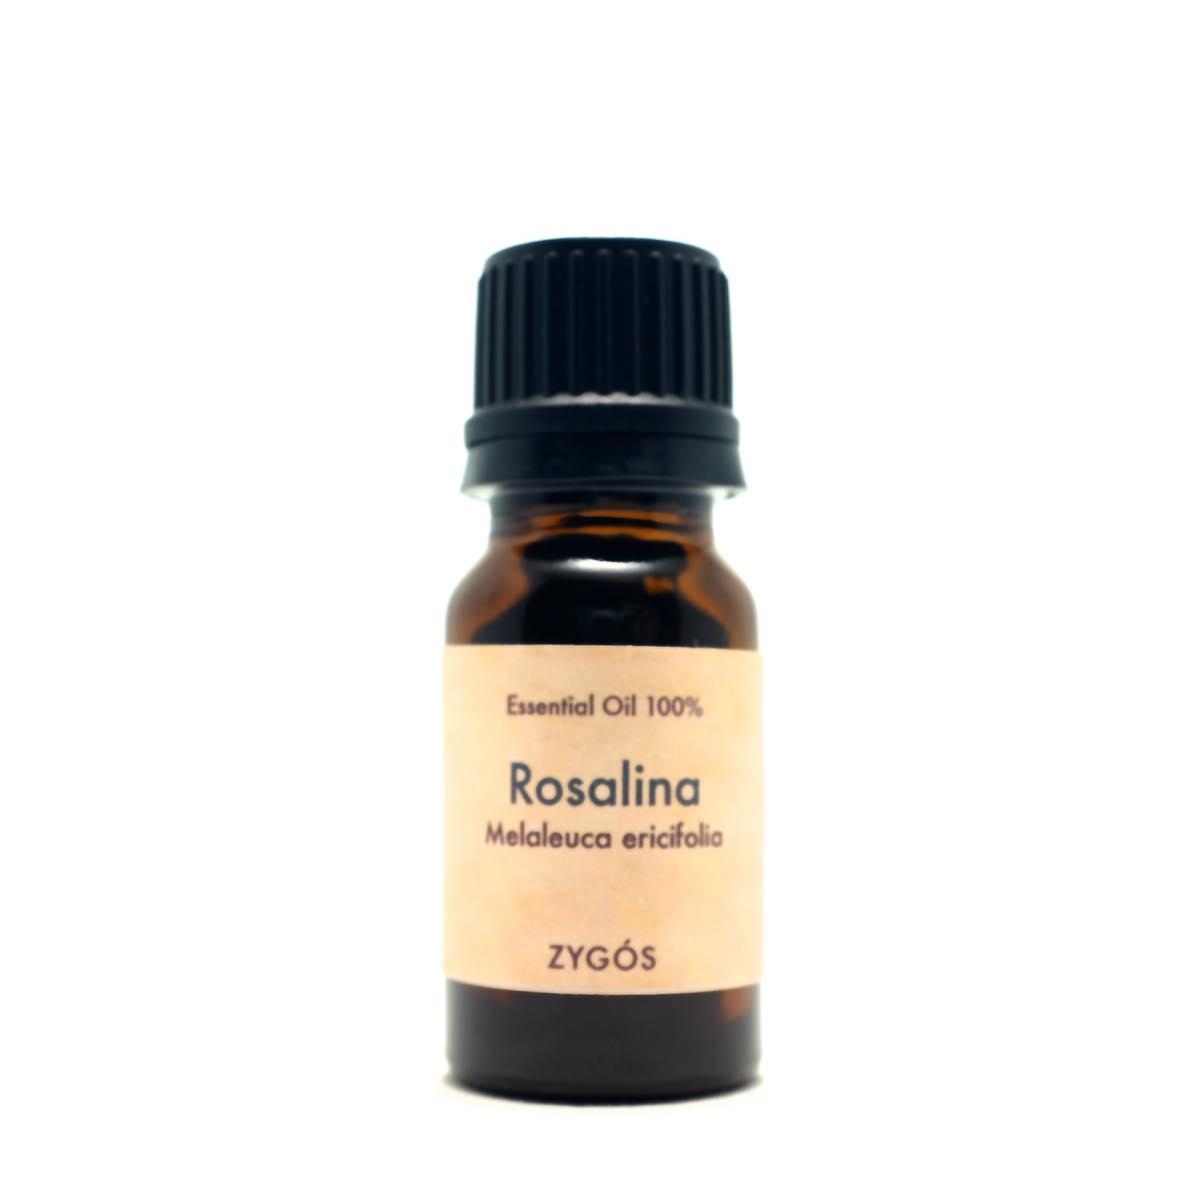 限定価格セール やさしい甘い香り 公式サイト エッセンシャルオイル100% 10ml ※業務用卸価格 ロザリーナ